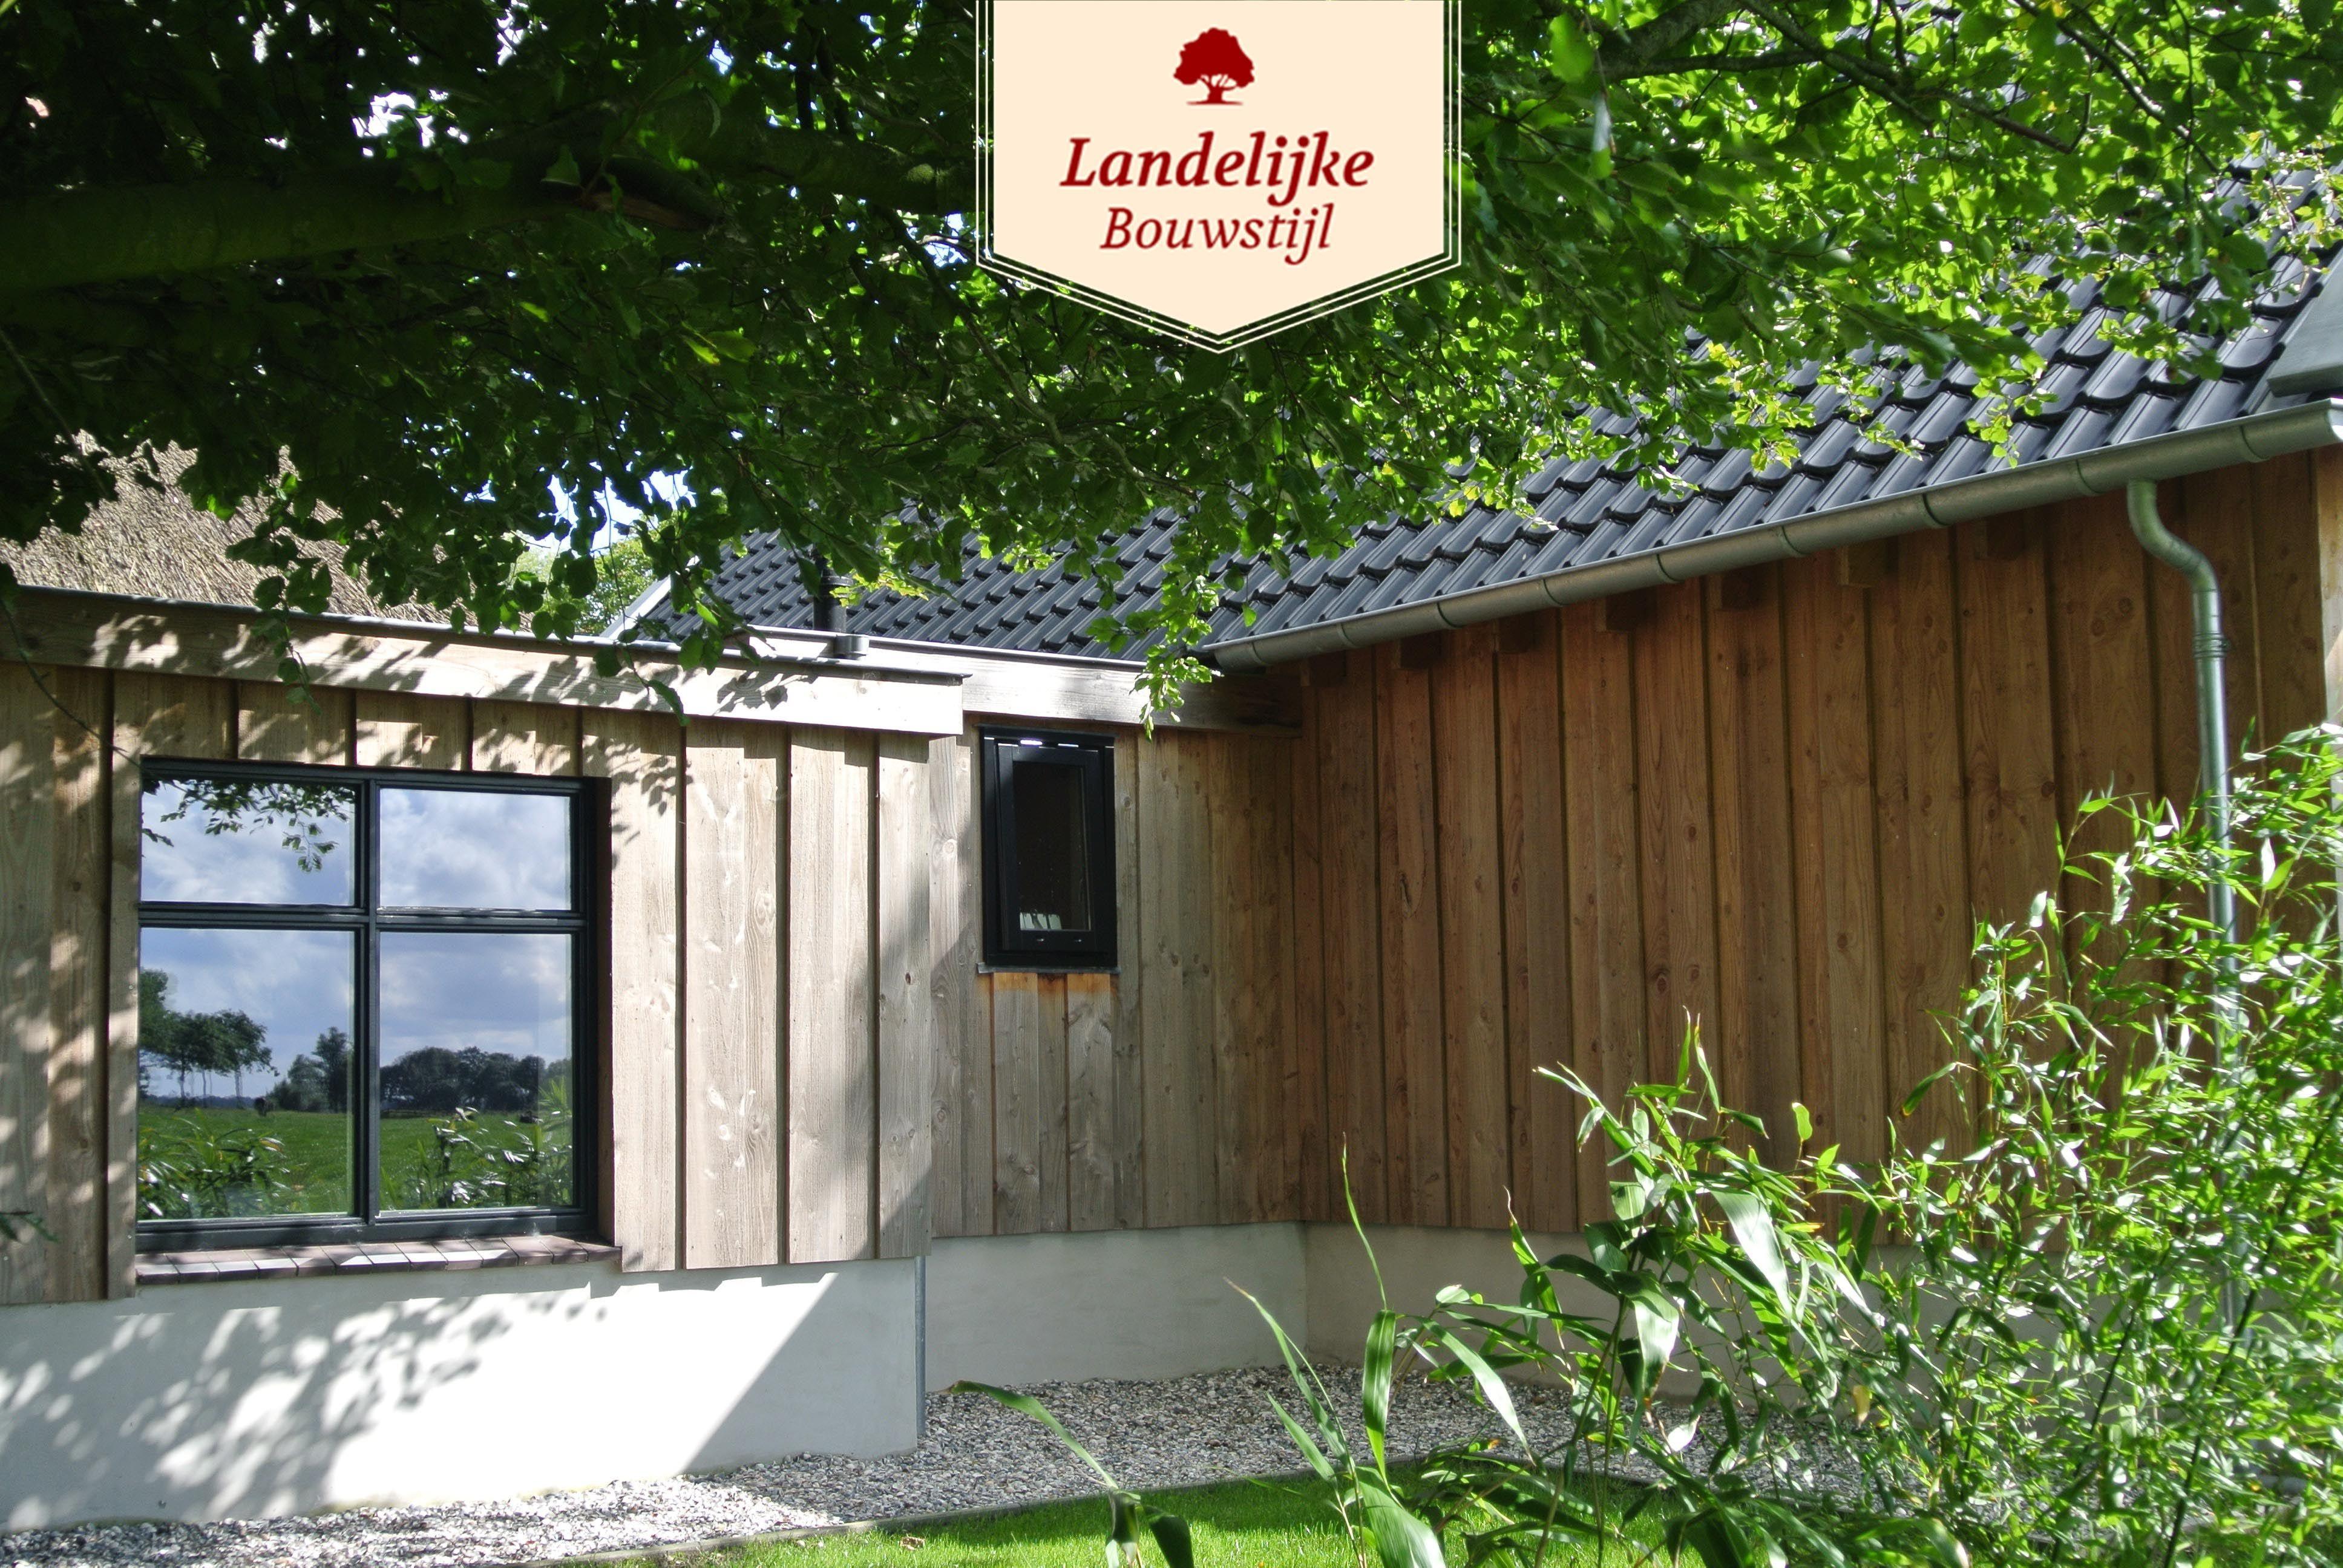 Thuiskantoor Uitbouw Tuin : Woningaanbouw van landelijke bouwstijl. naast schuren en